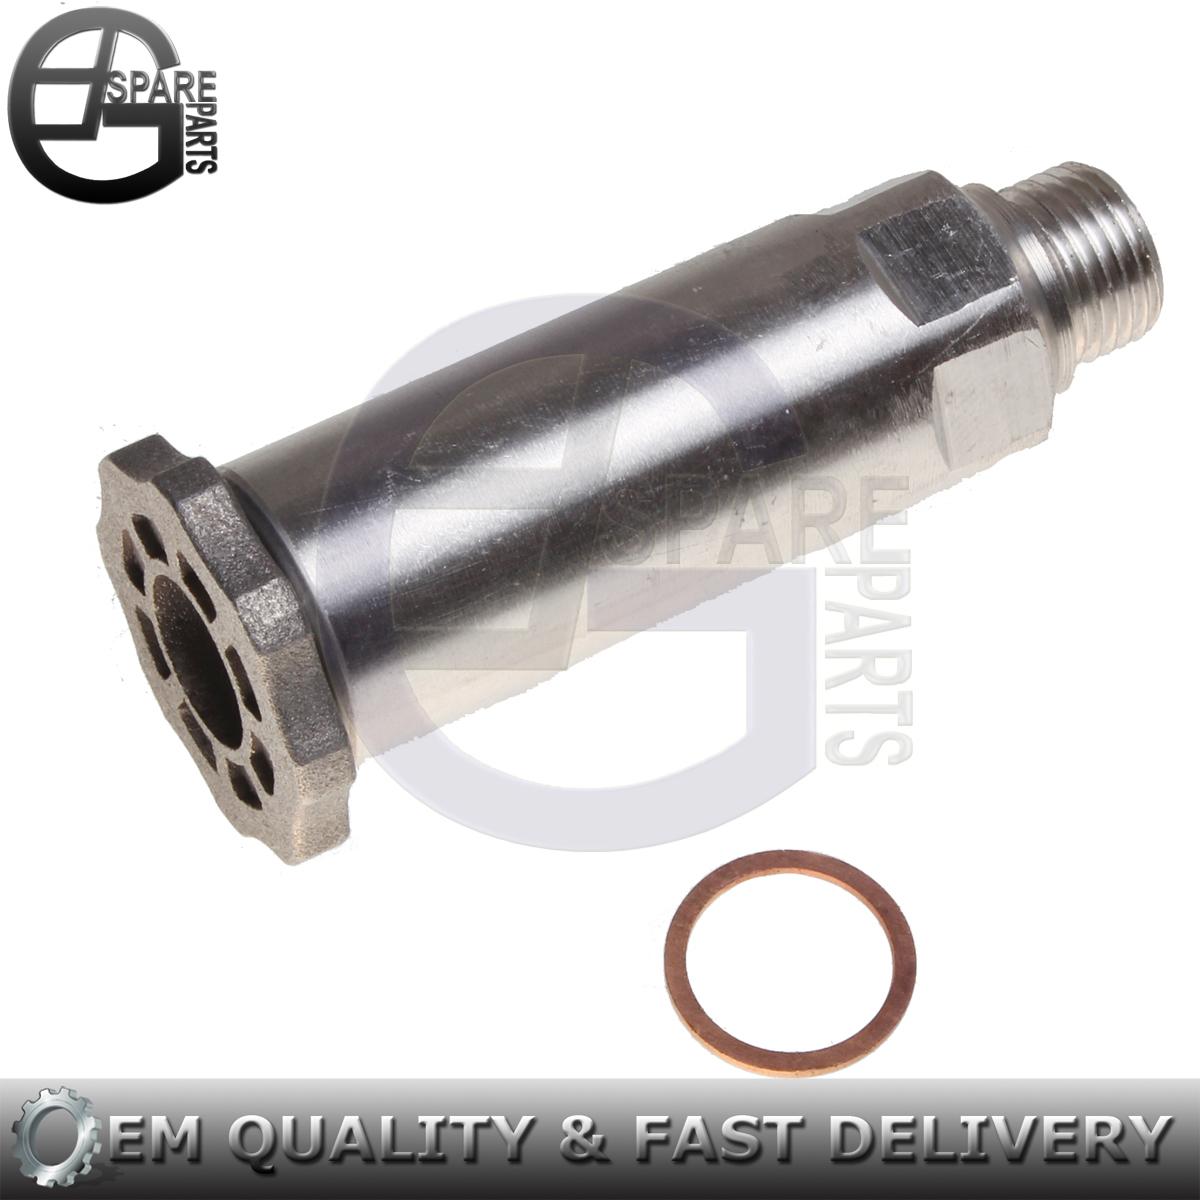 5.315 Long Stainless Steel.44 Vlier SVLP37CT35 Lock pins